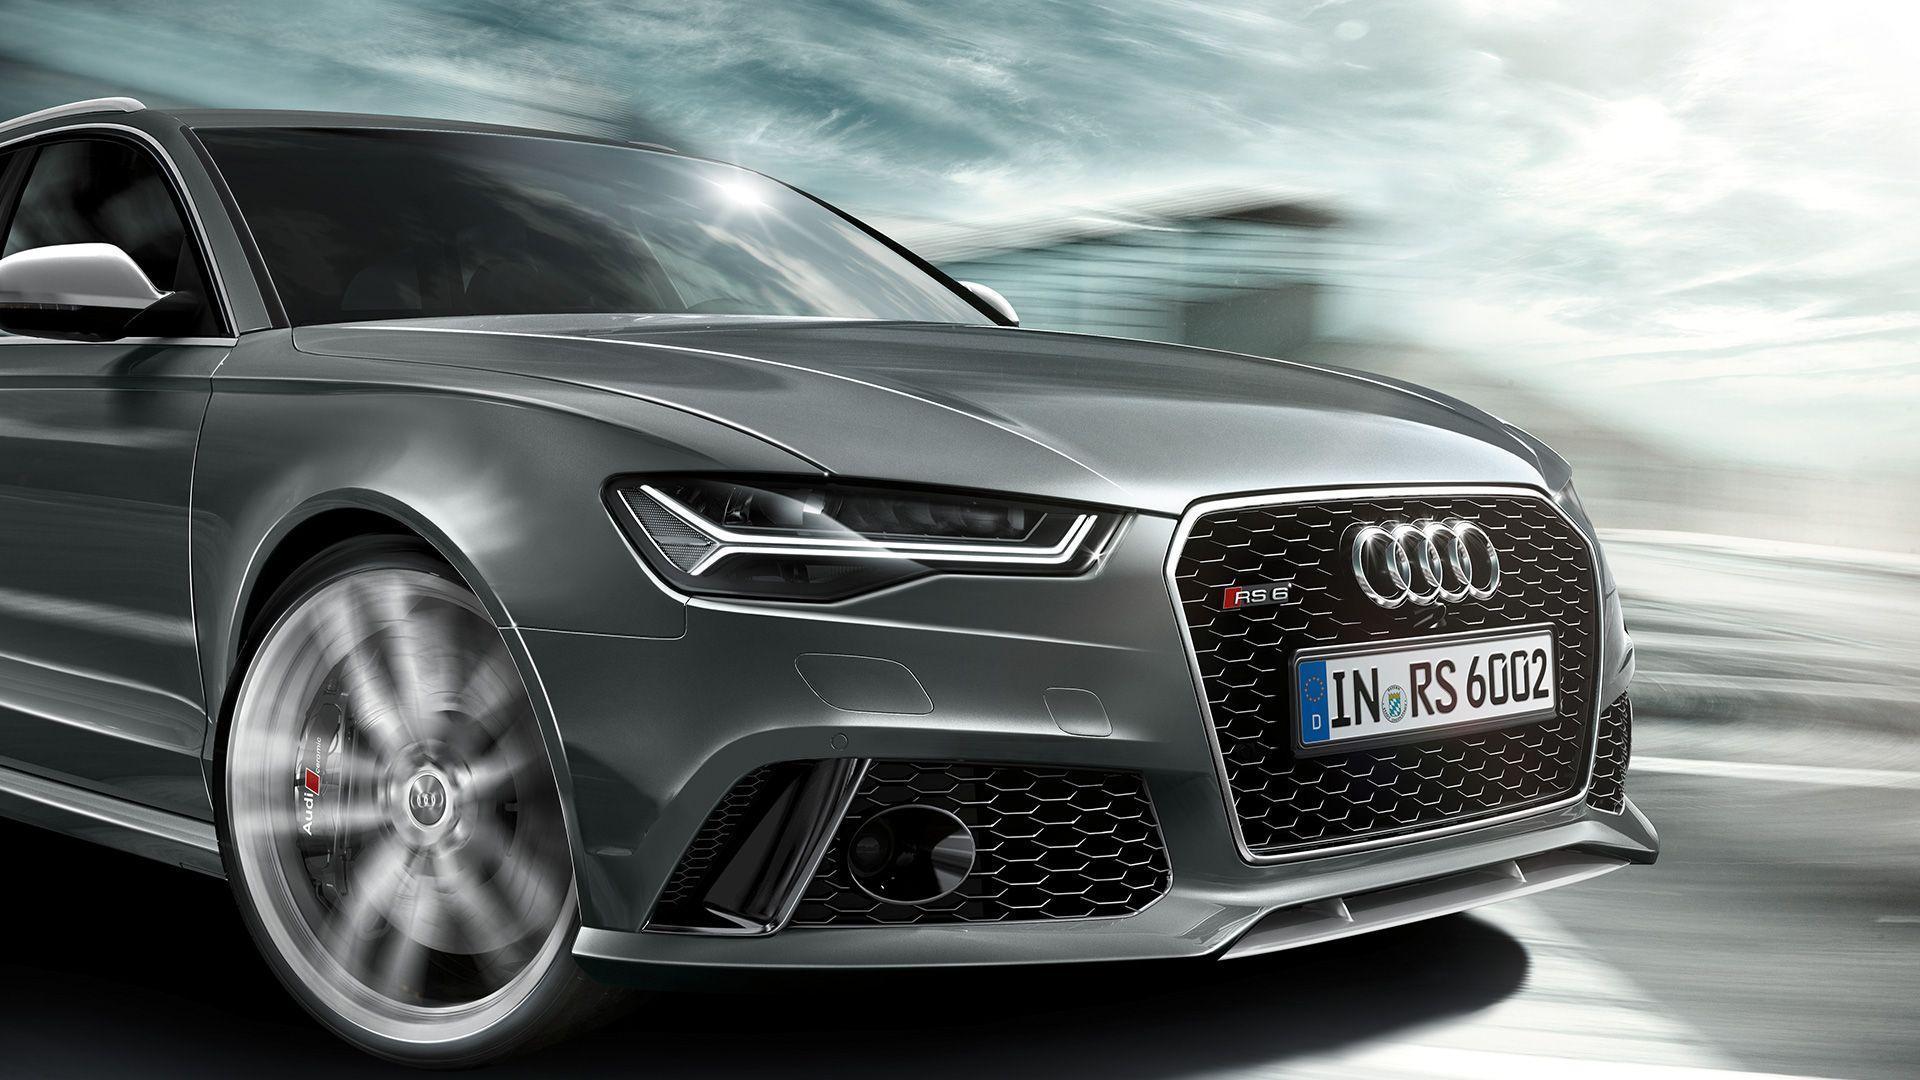 Audi RS 6 Avant HD Wallpaper | 1920x1080 | ID:49684